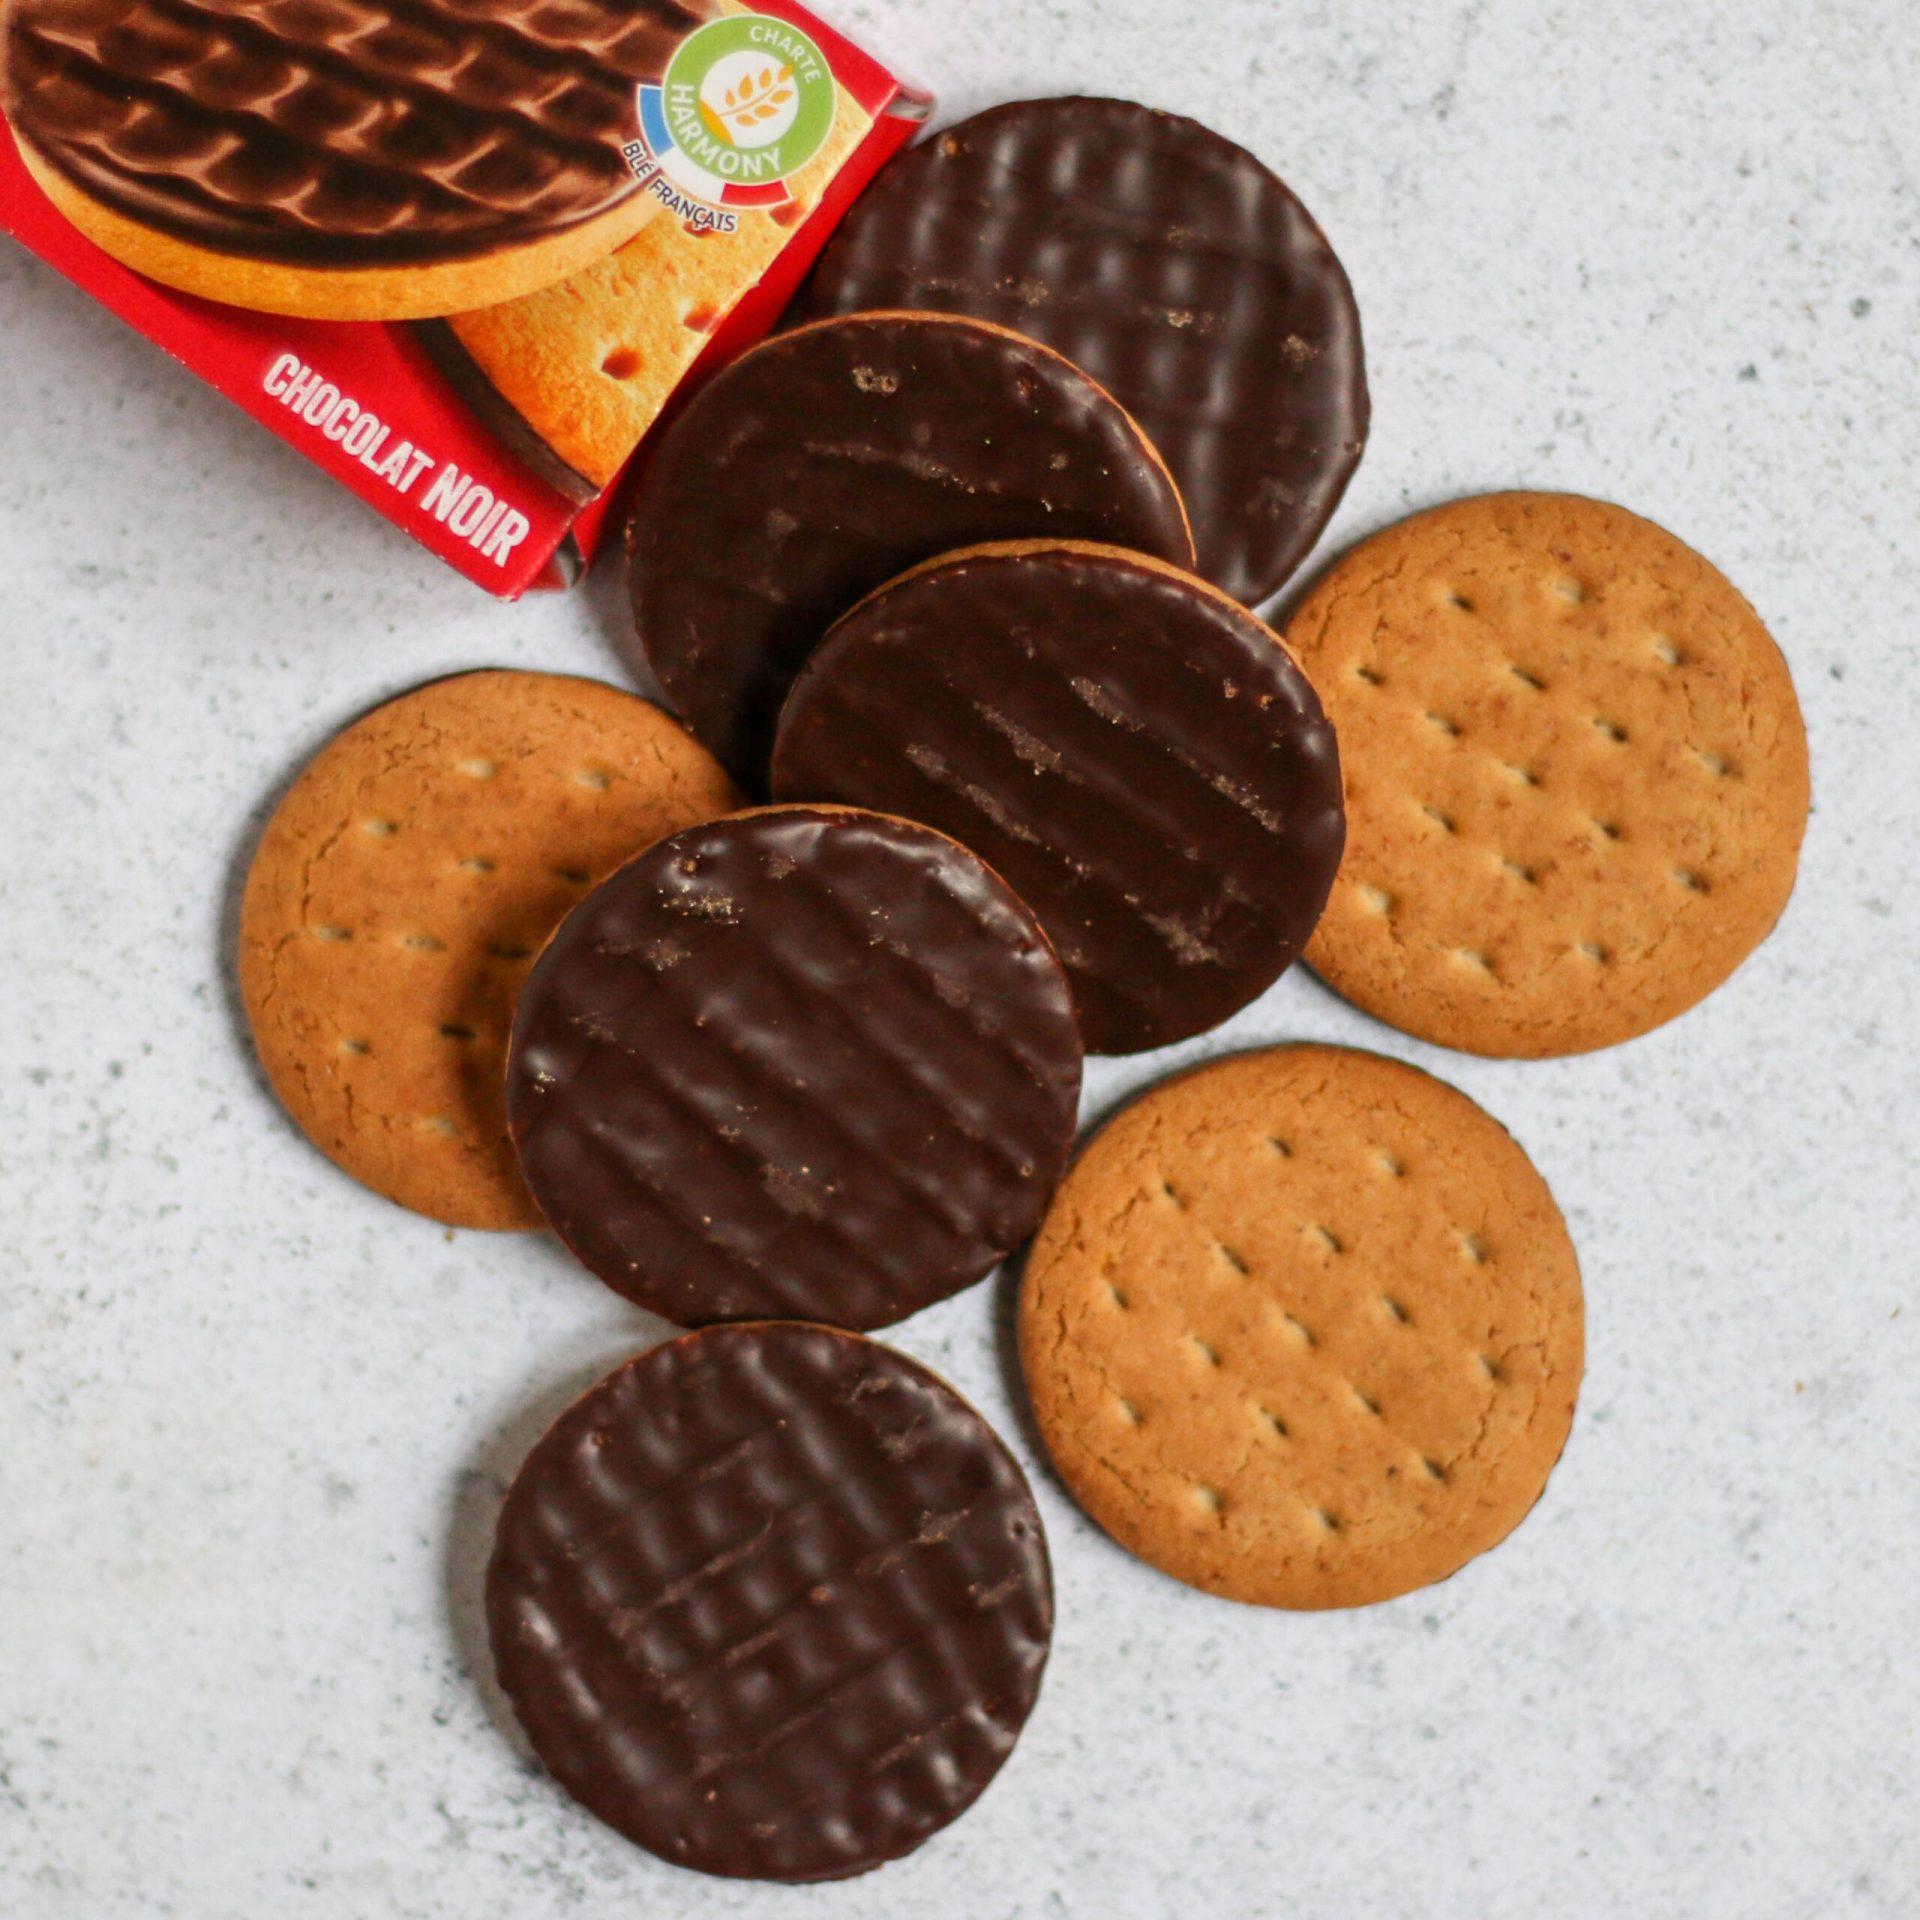 עוגיות גרנולה שוקולד